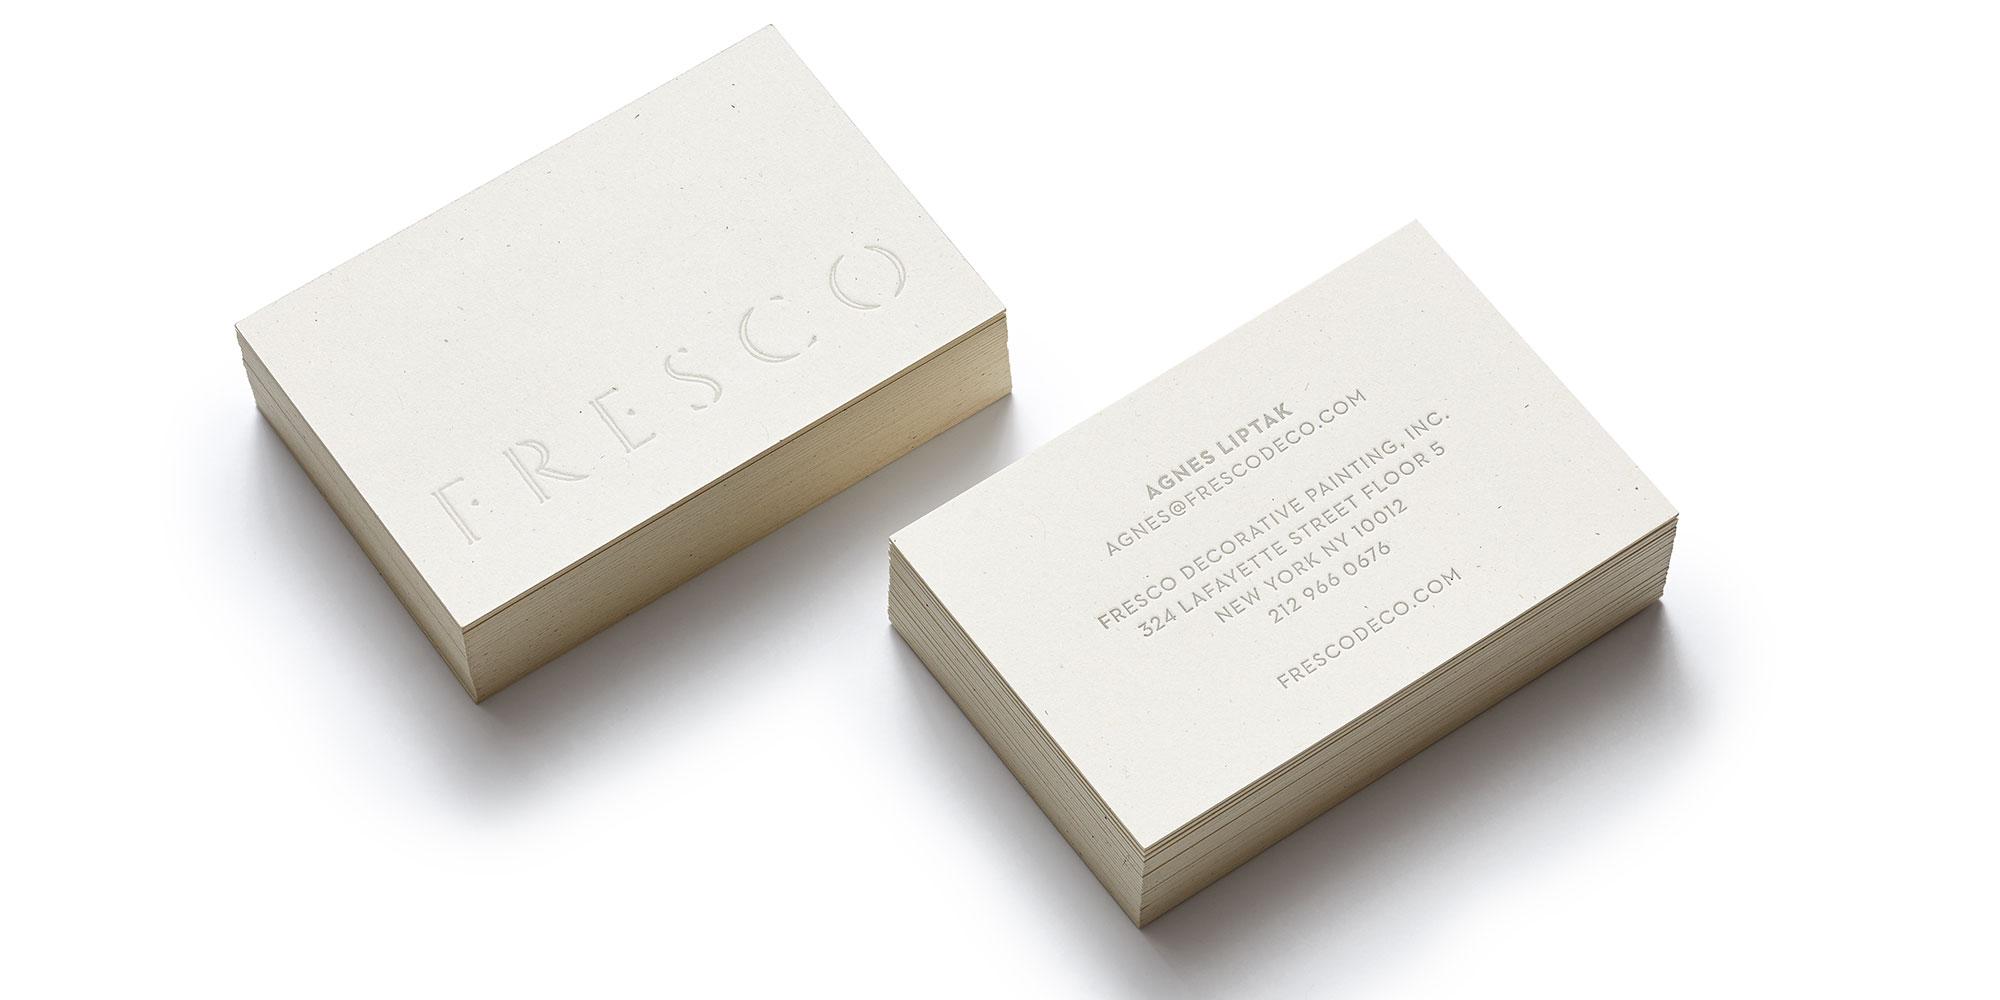 Fresco Business Cards